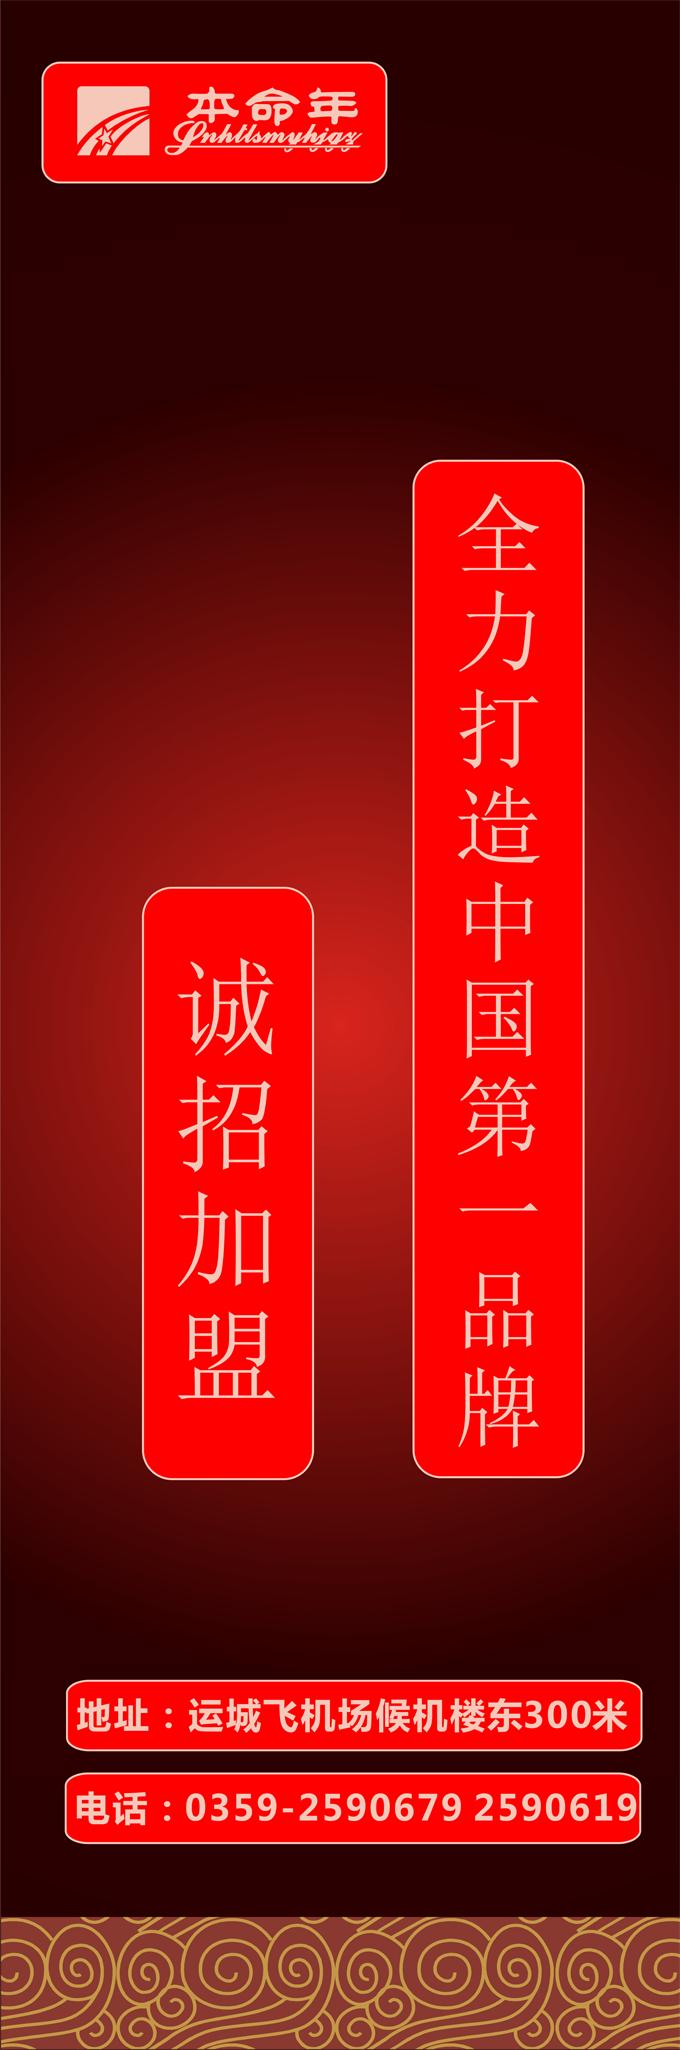 路灯广告牌|dm/宣传单/平面广告|平面|wx58585888